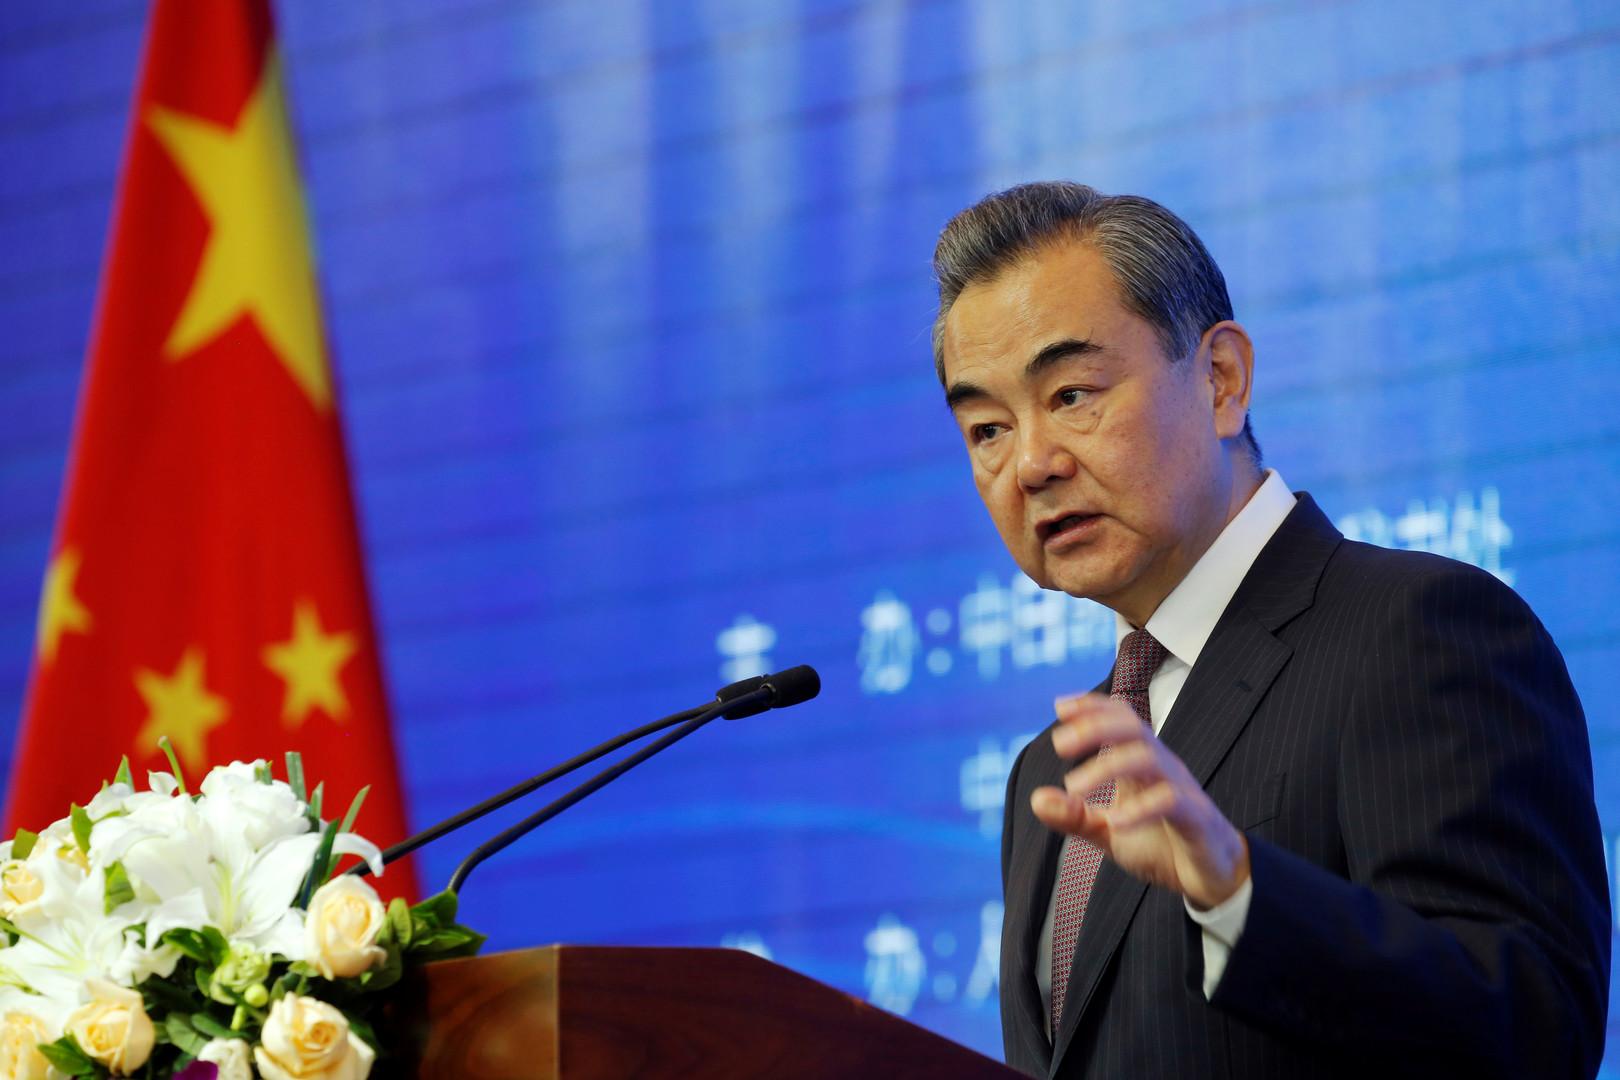 وزير الخارجية الصيني، وان يي